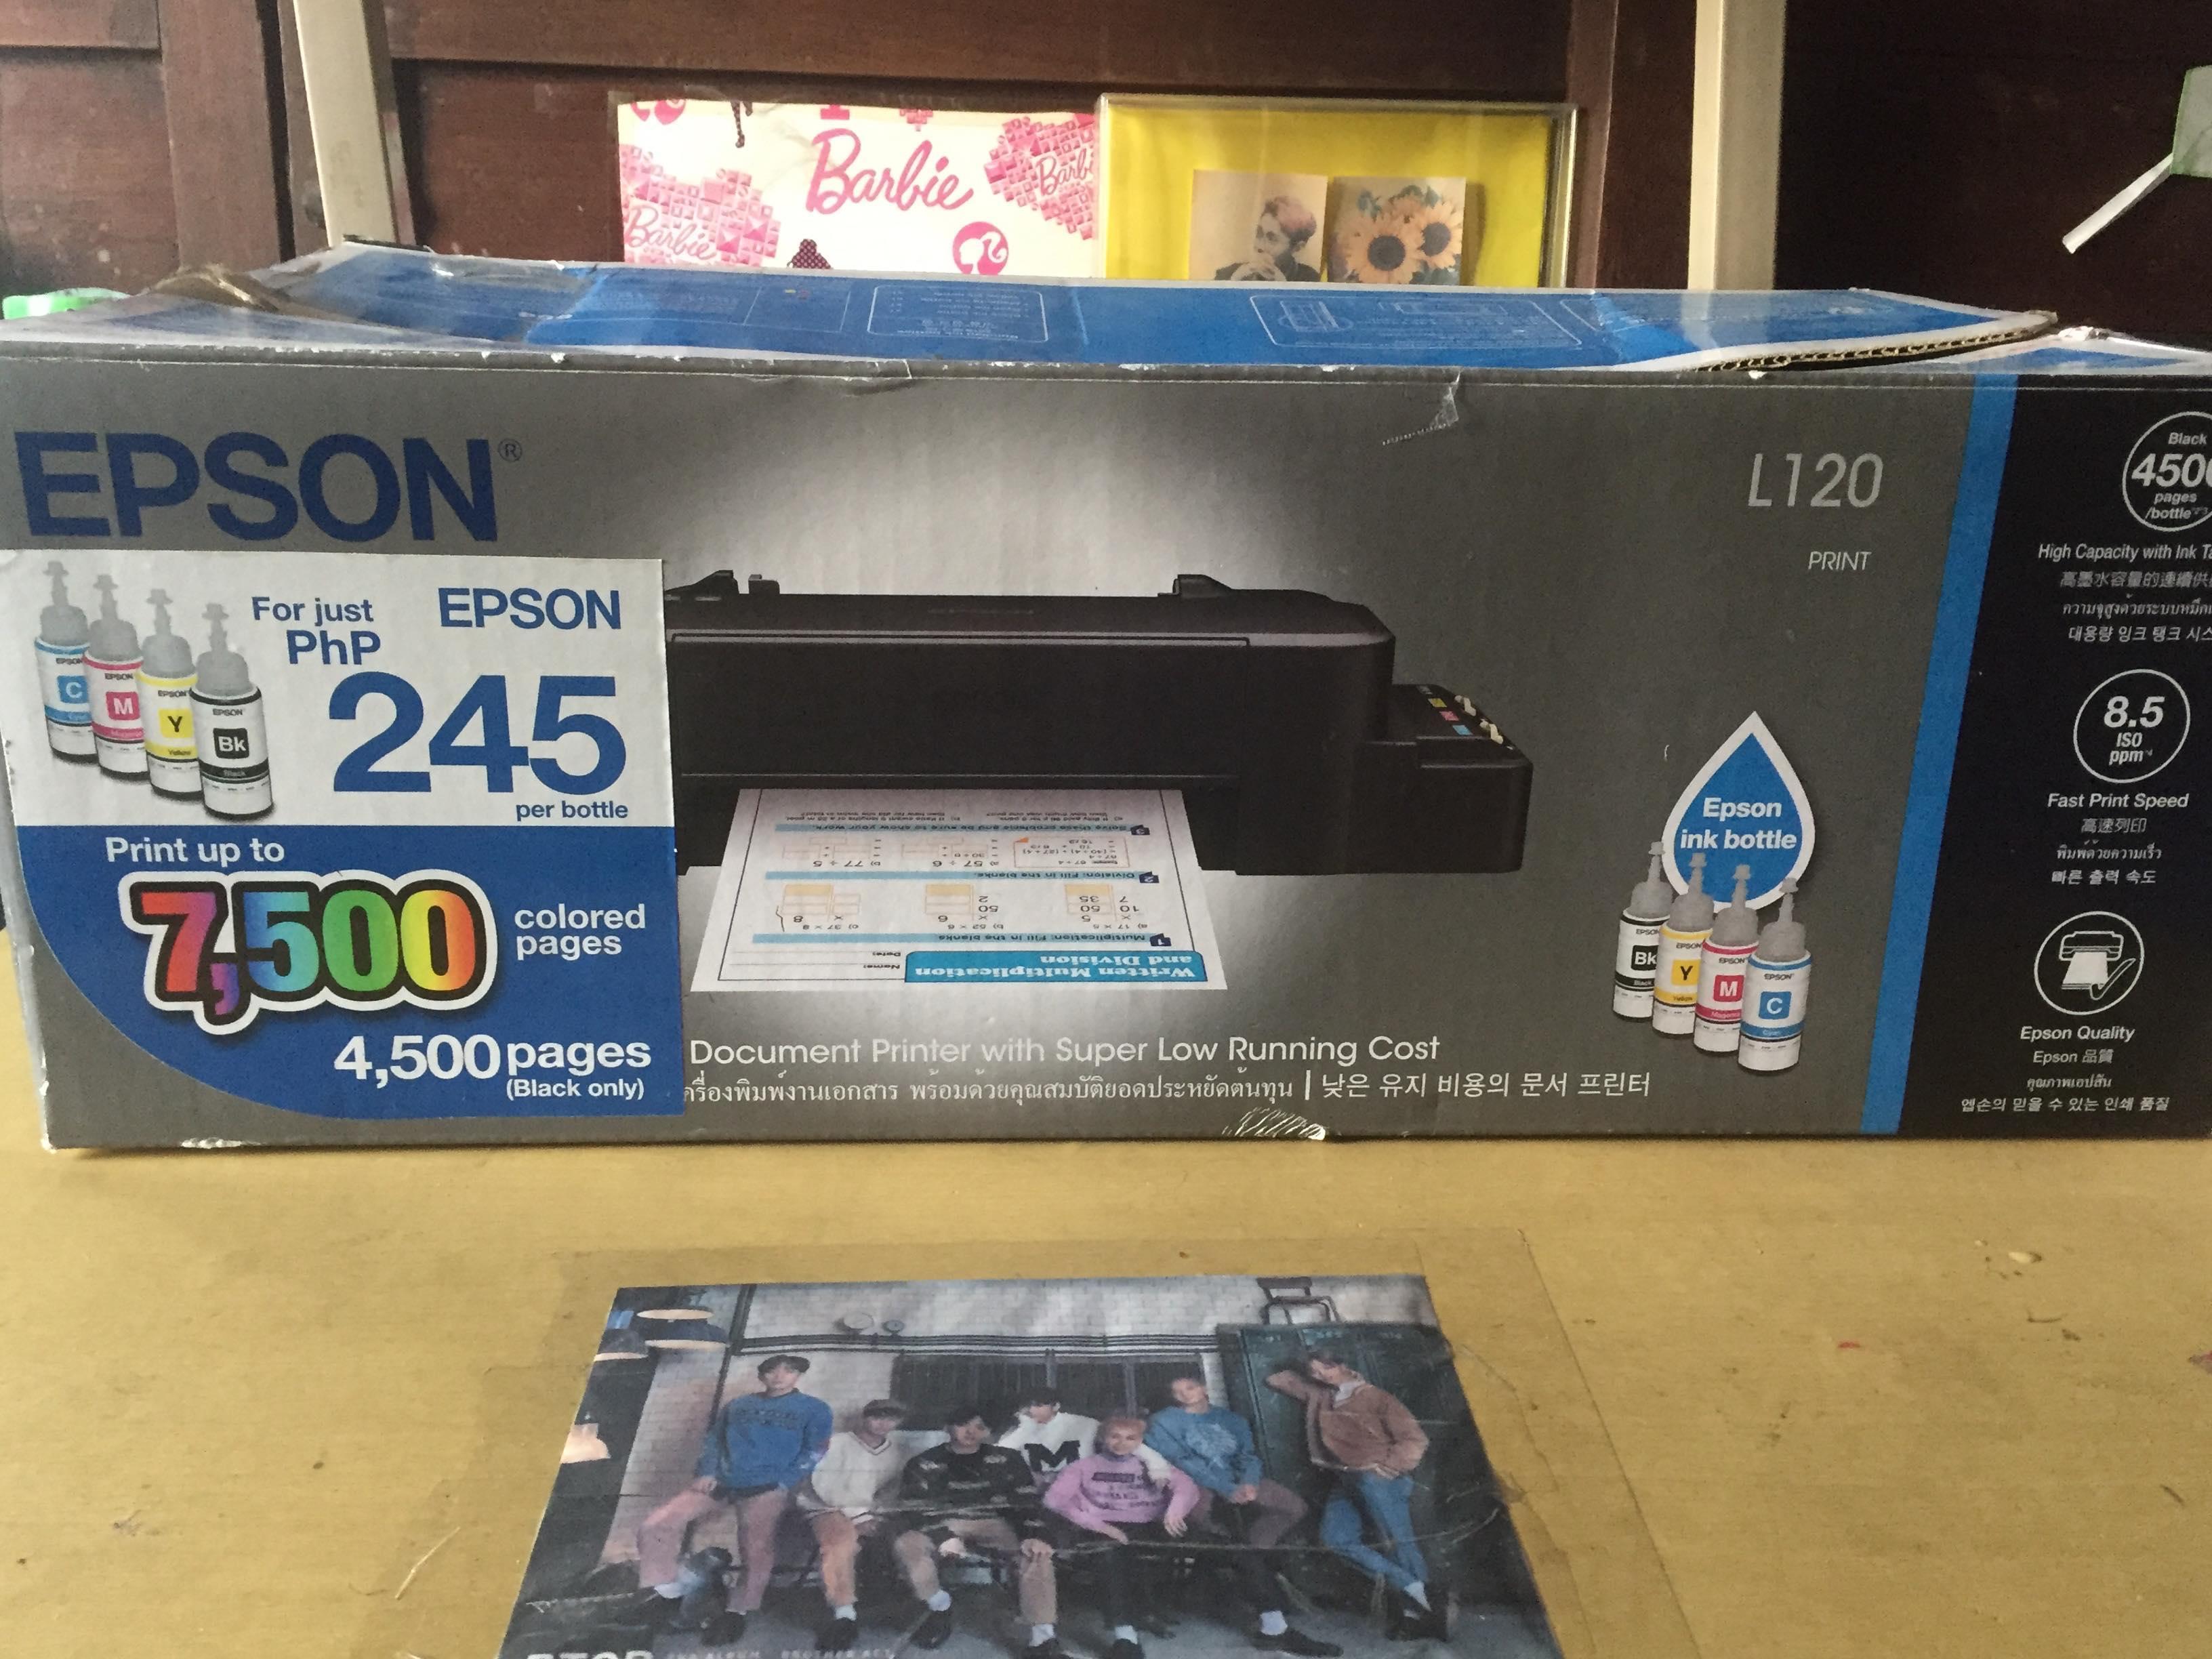 Epson Philippines: Epson price list - Epson Printer, Scanner